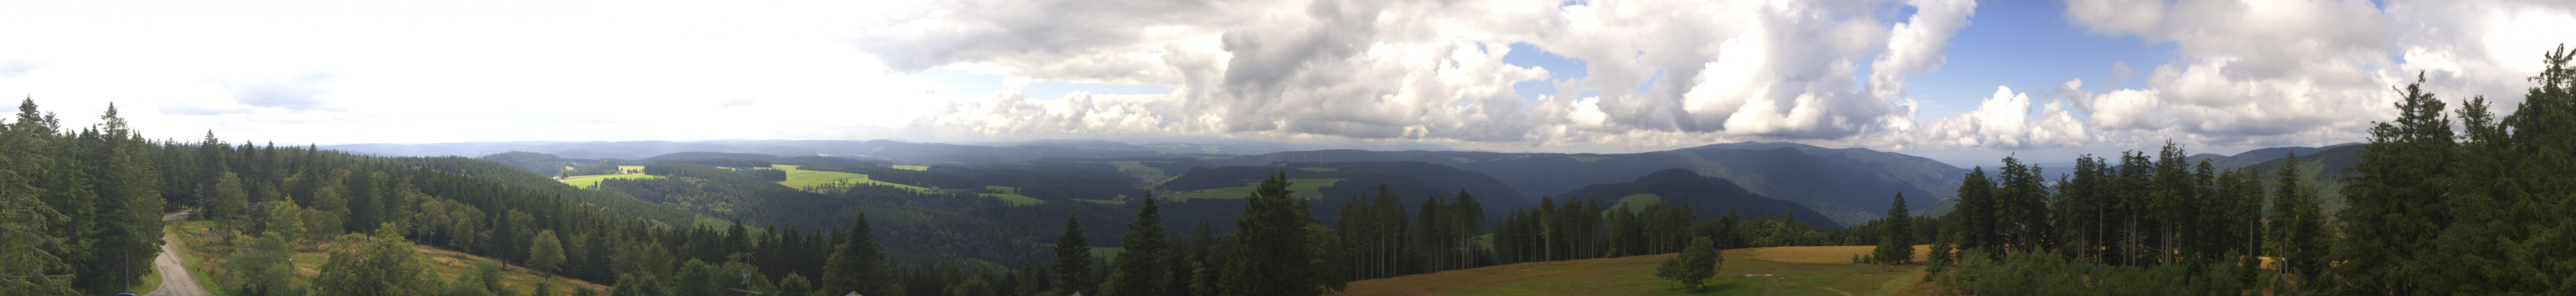 webcam furtwangen brendturm 1151 m schwarzwald. Black Bedroom Furniture Sets. Home Design Ideas